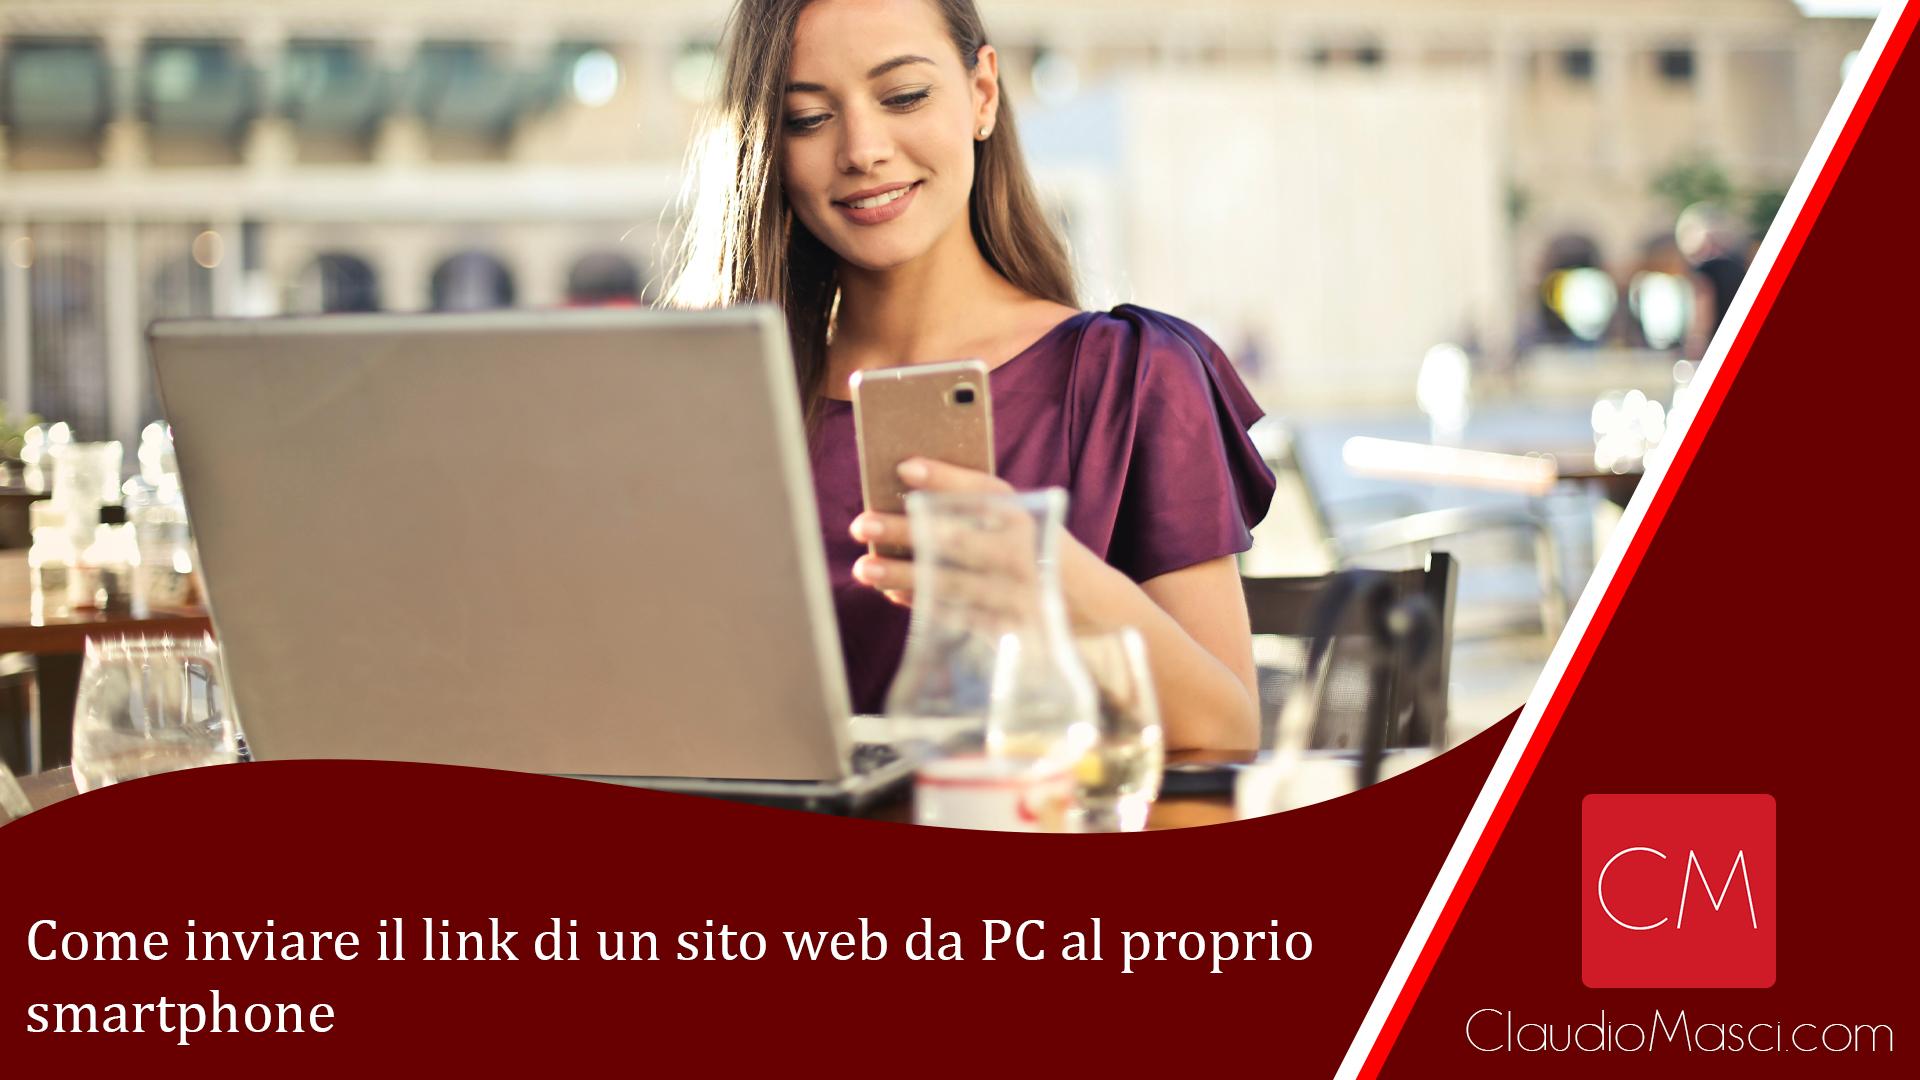 Come inviare il link di un sito web da PC al proprio smartphone